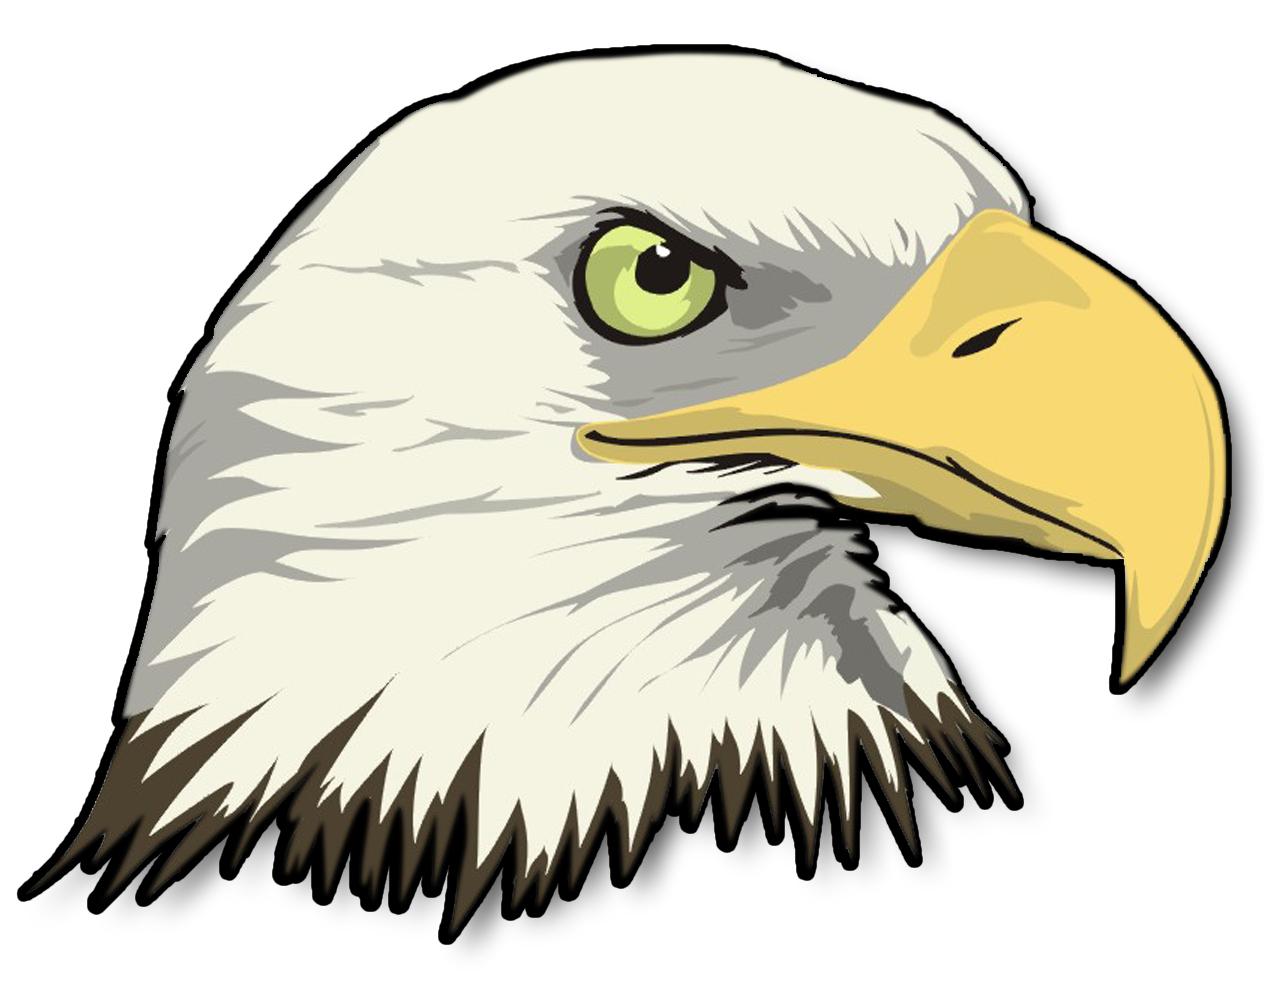 Cartoon Bald Eagle Head Drawing